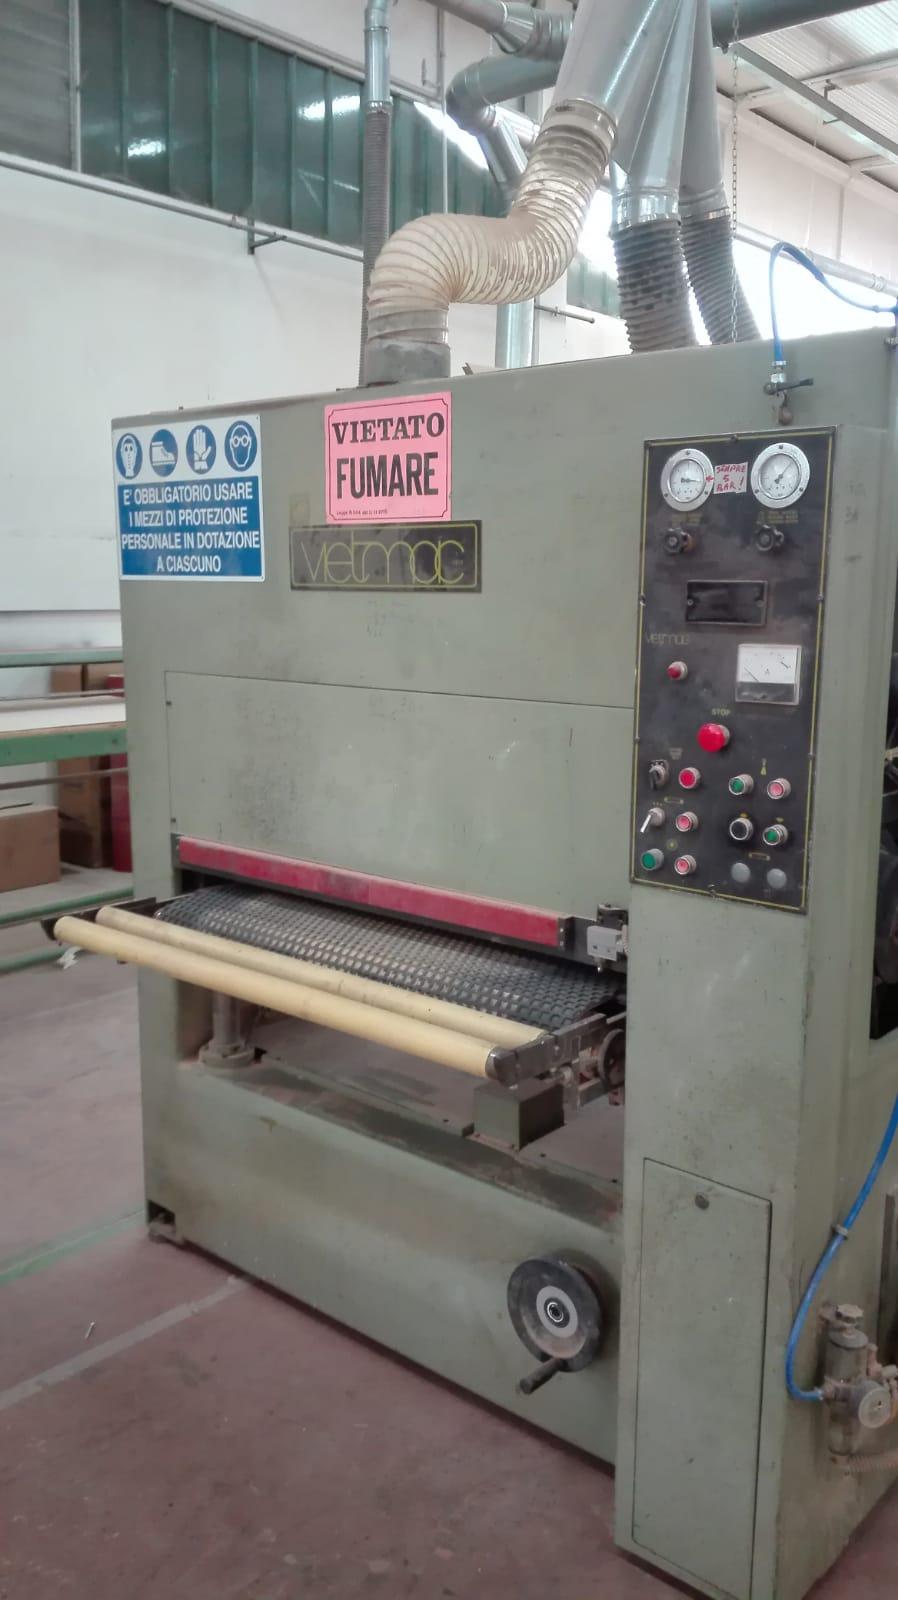 Calibratrice usata per legno Vietmac 1100